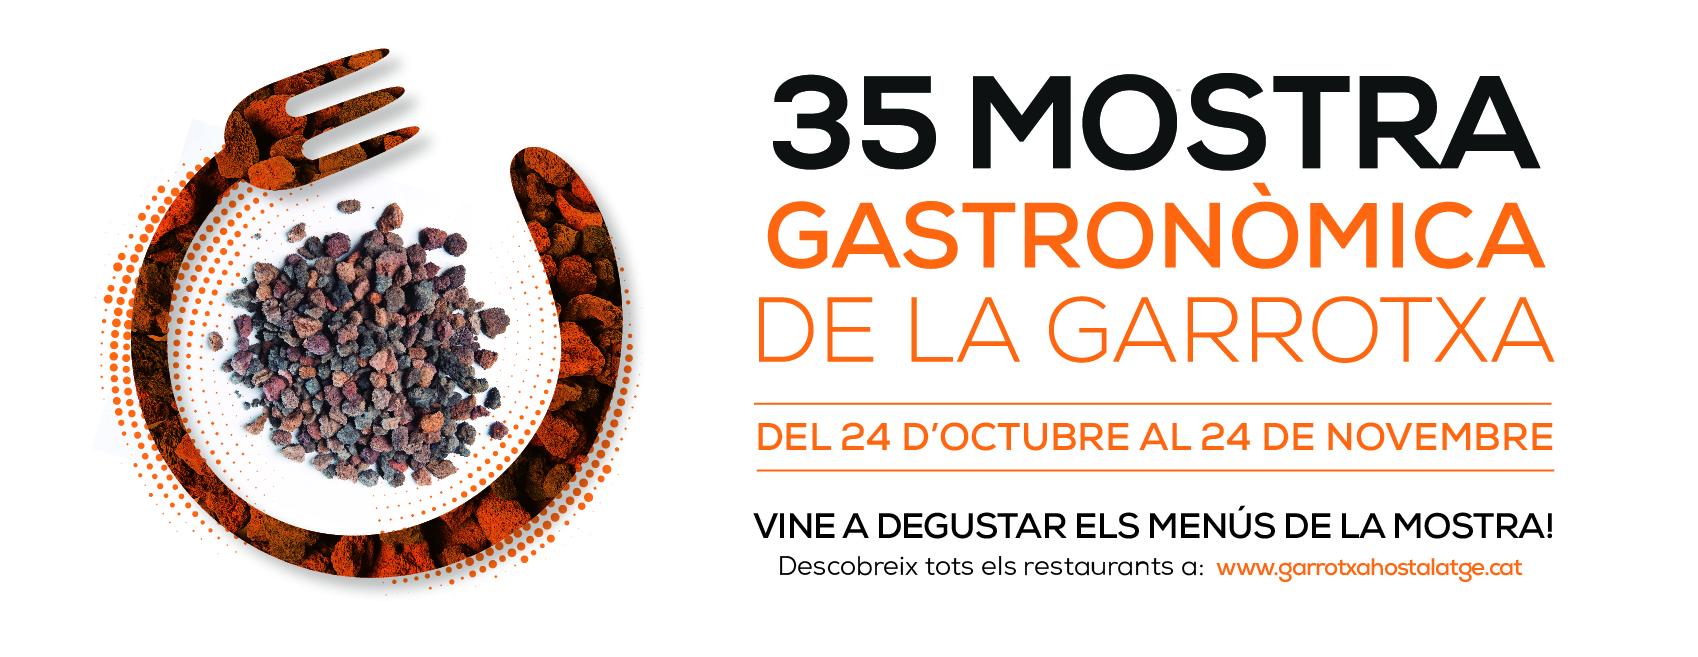 35 Mostra Gastronòmica de la Garrotxa